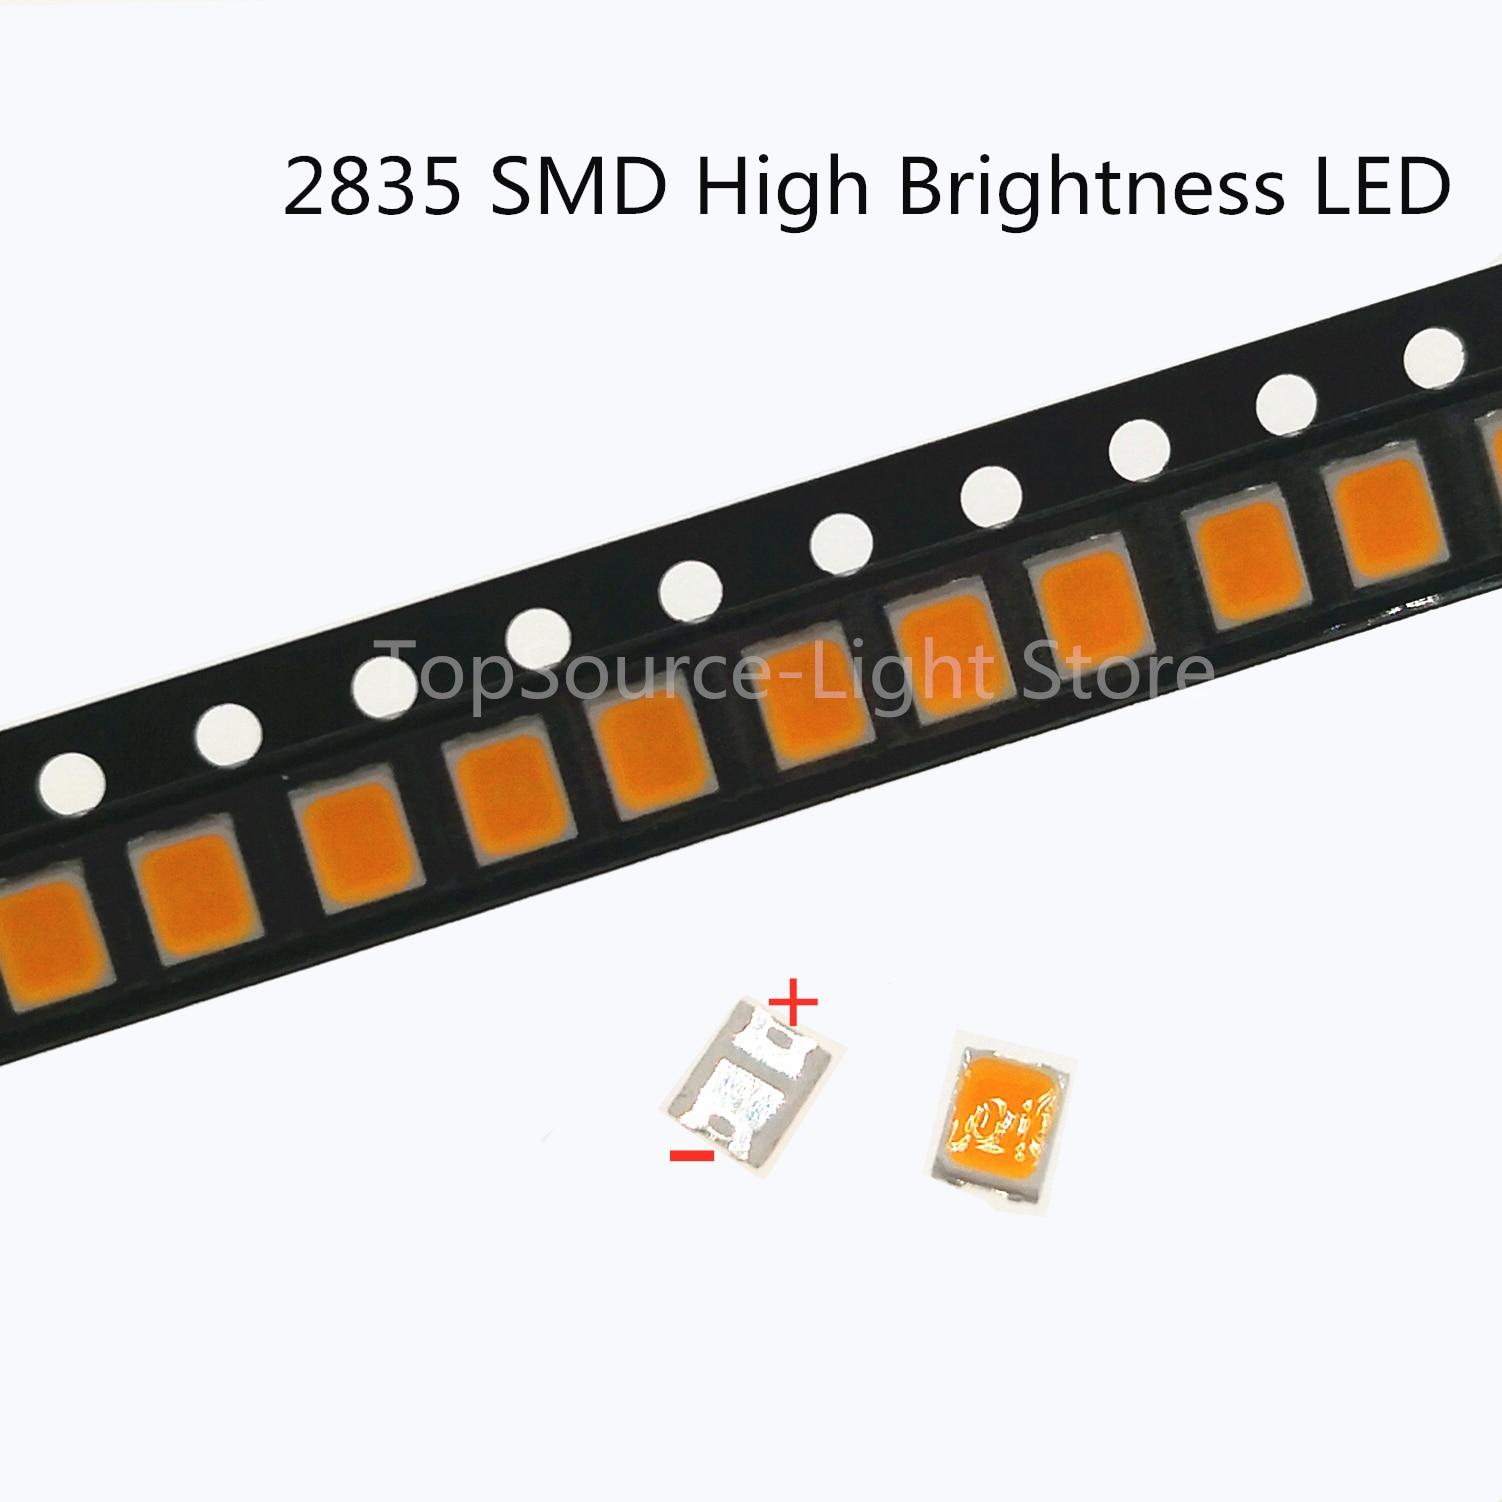 100pcs For OSRAM LED Backlight High Power LED 1.5W 6V 1210 3528 2835 130LM Cool White LCD Backlight For TV TV Application